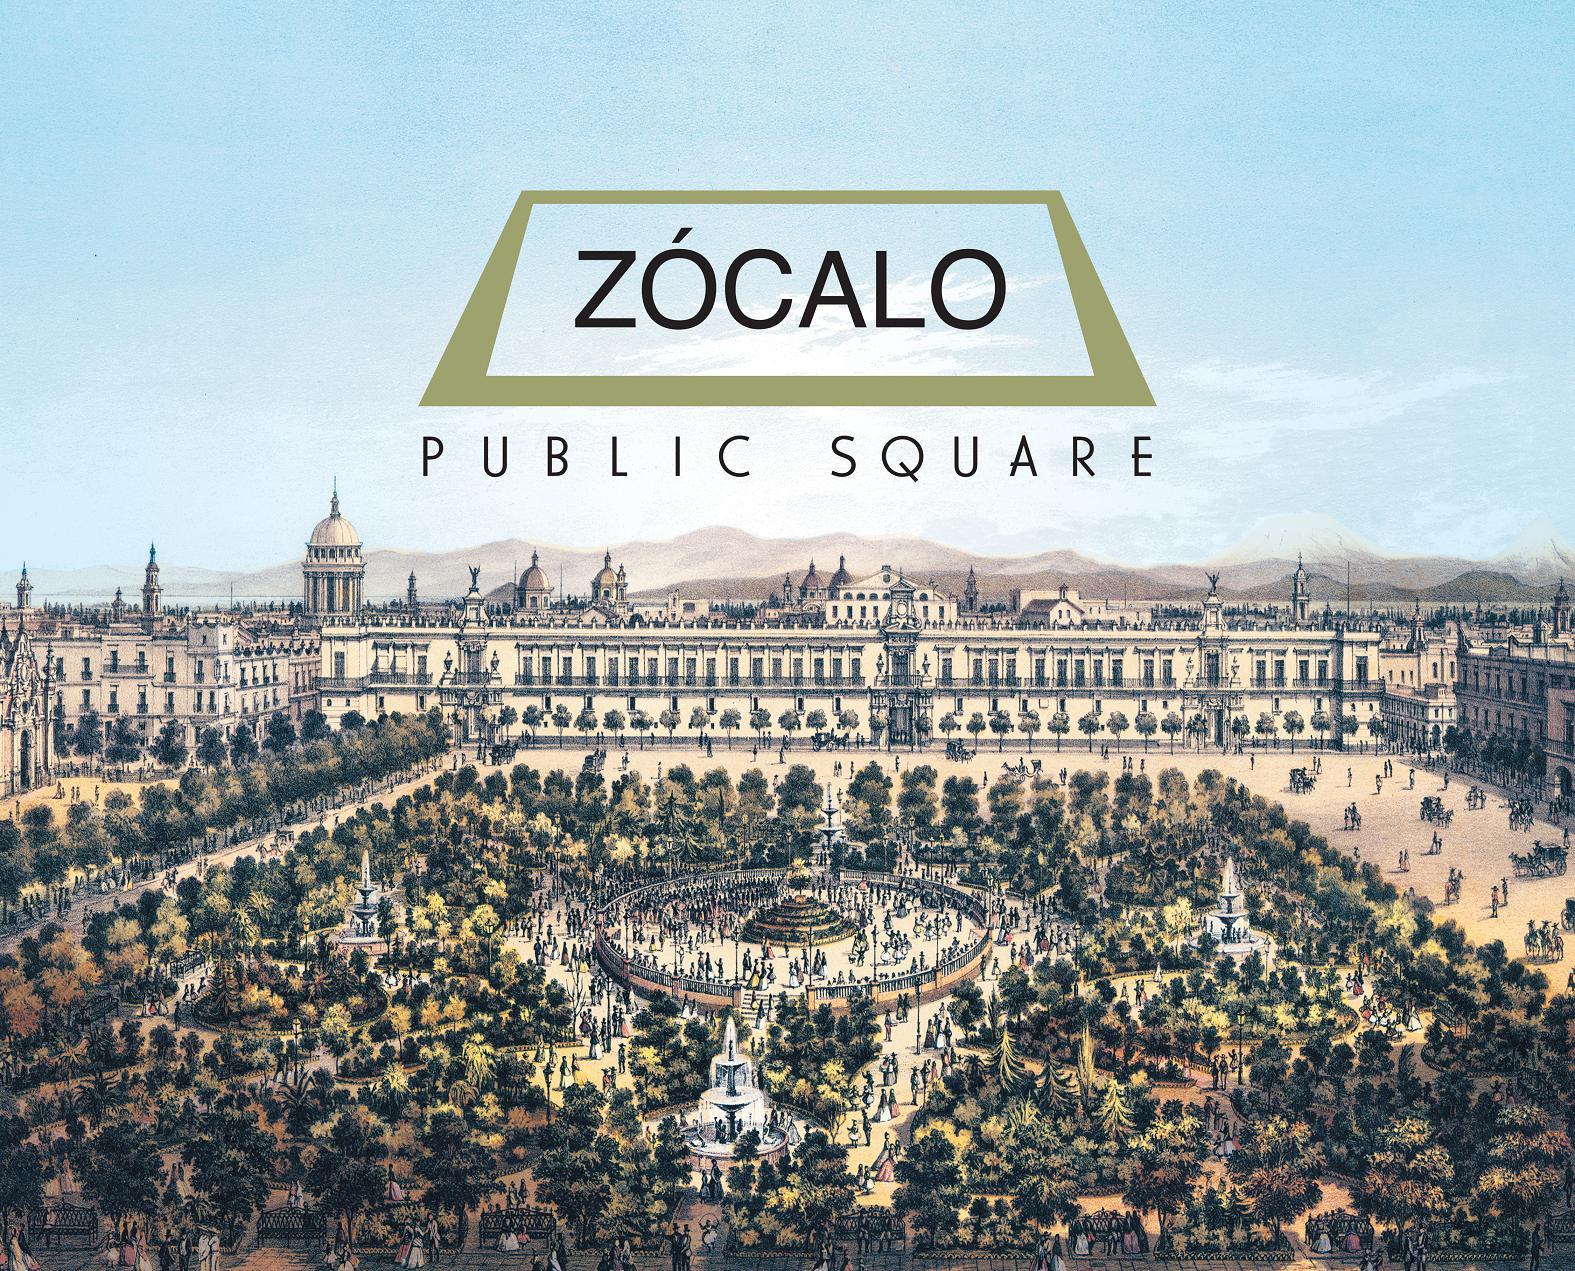 Zocalo Public Square main image